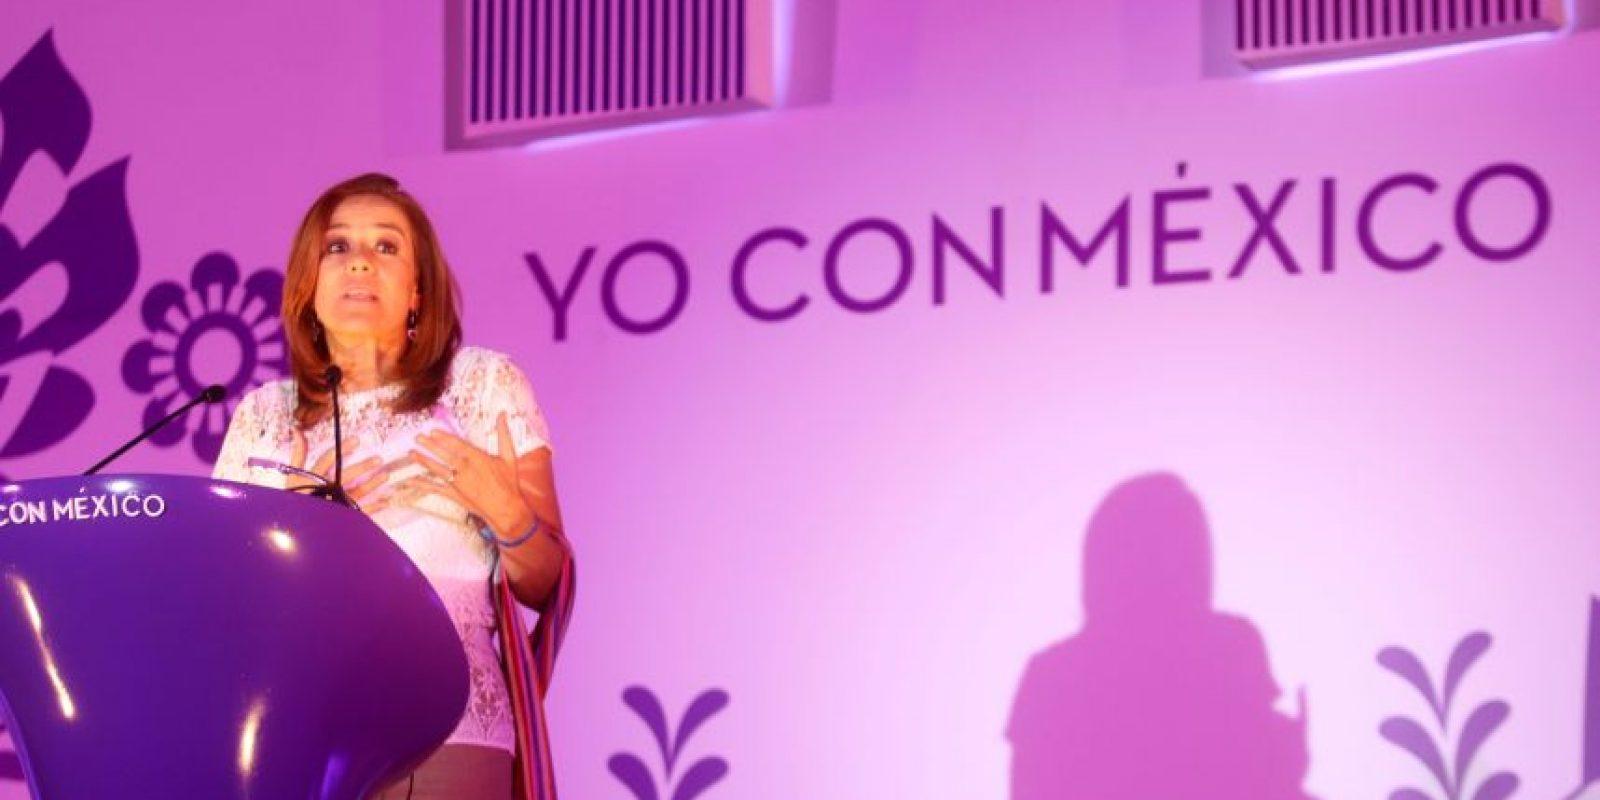 La ex primera dama busca ser la candidata del PAN en las próximas elecciones Foto:cuartoscuro